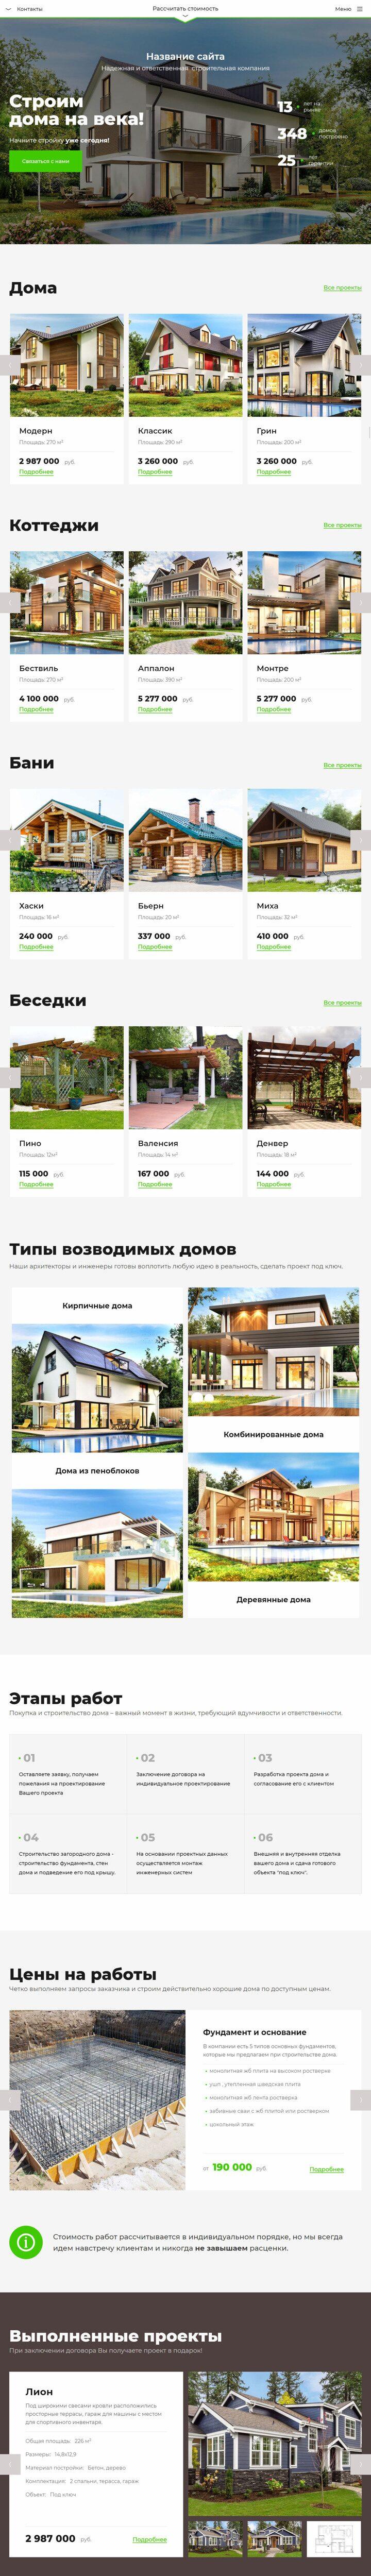 Готовый Сайт-Бизнес #2798053 - Загородное строительство (Главная 3)